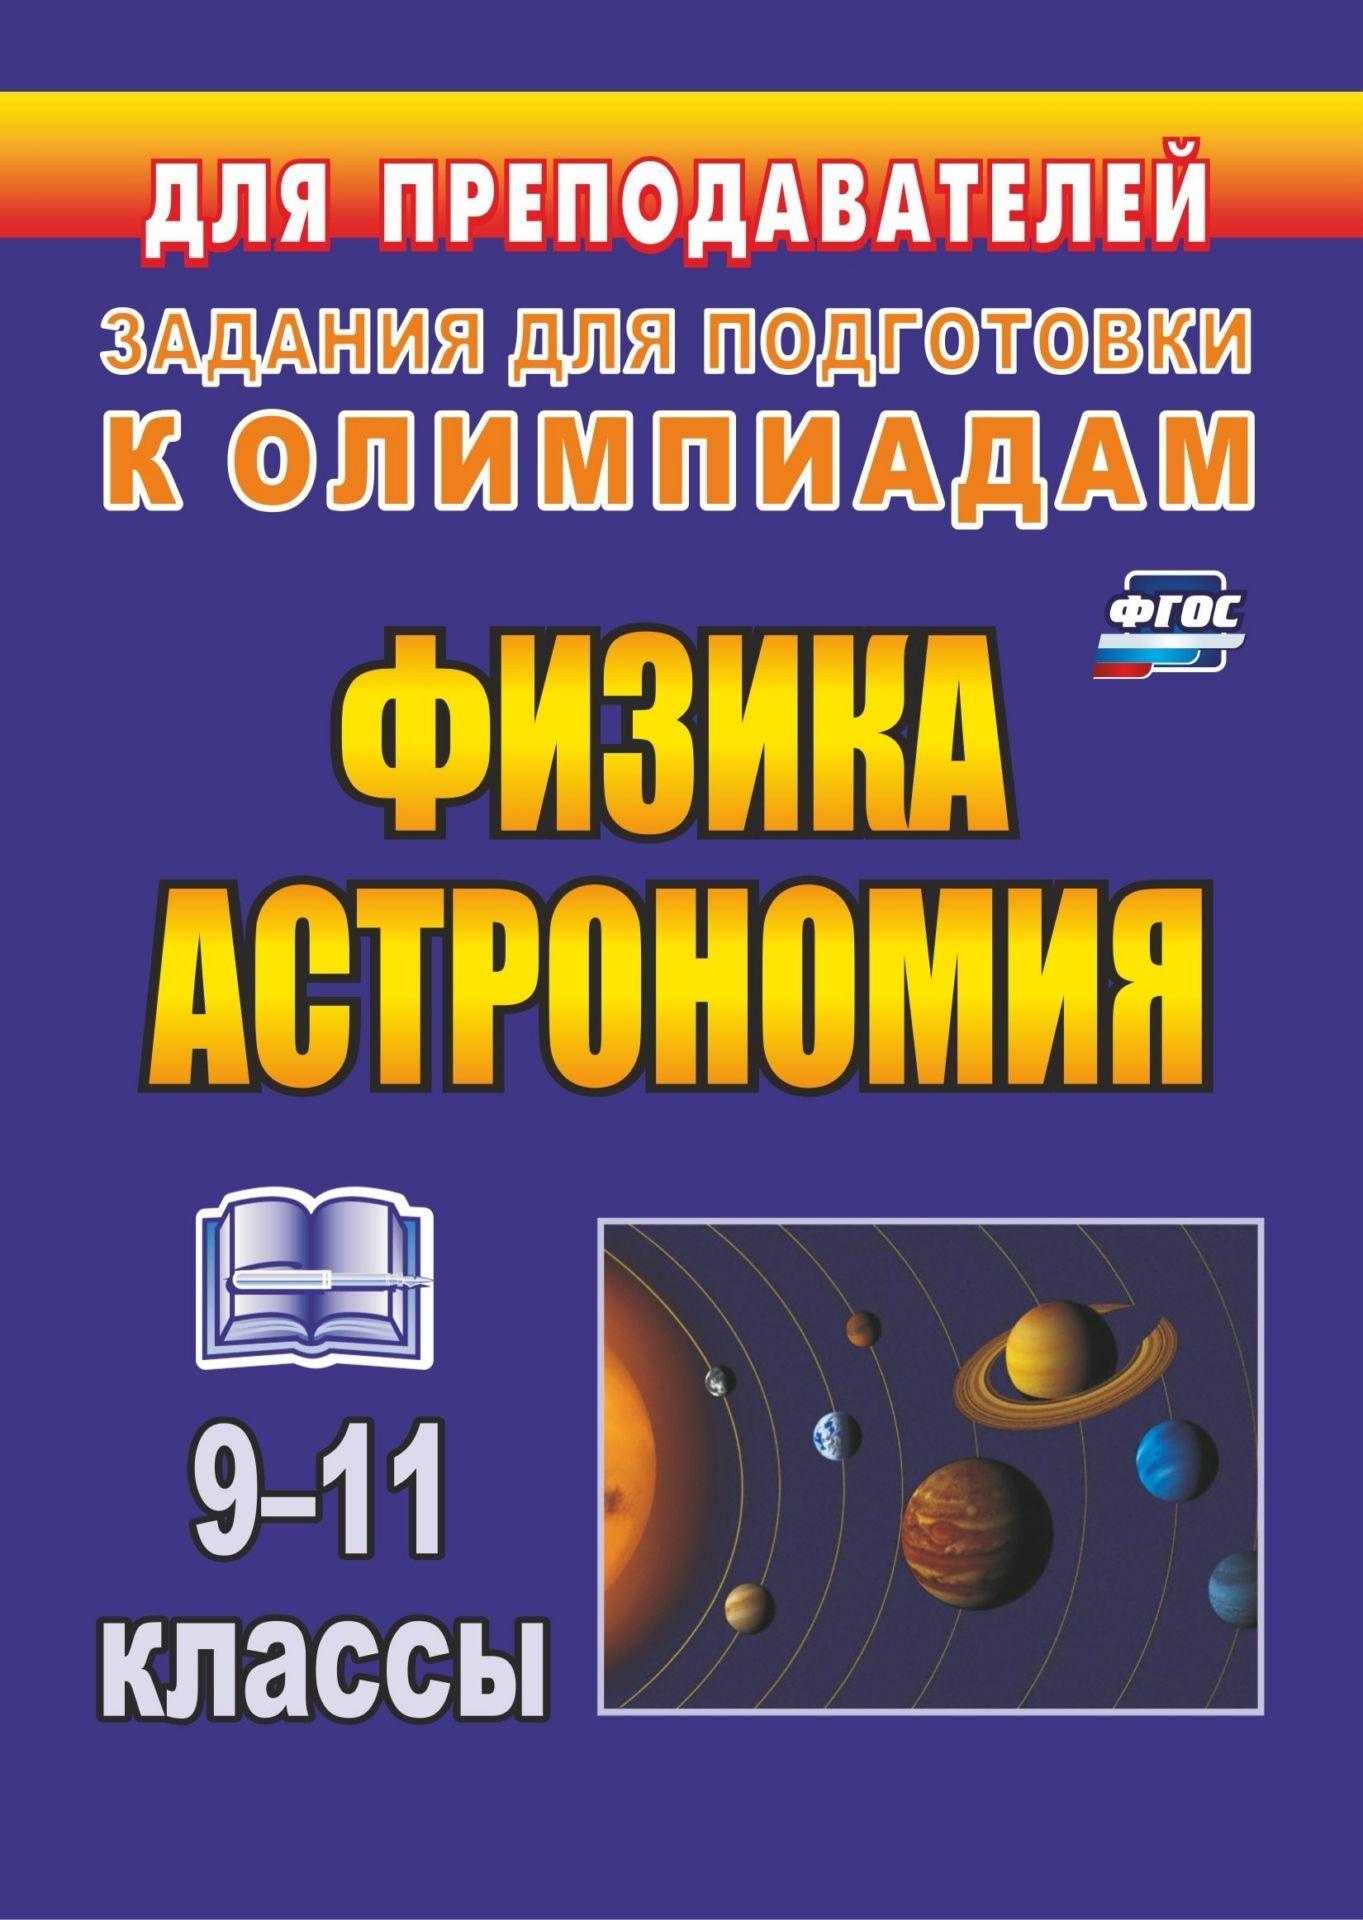 Физика и астрономия. 9-11 классы: олимпиадные заданияПредметы<br>Предлагаемые в пособии разнообразные многоуровневые задания и ответы к ним по всем разделам физики и астрономии, интересные задачи и вопросы, предполагающие серьезную самостоятельную подготовку школьников, расширят рамки учебного материала и помогут учите...<br><br>Авторы: Оськина В. Т.<br>Год: 2017<br>Серия: Задания для подготовки к олимпиадам<br>ISBN: 978-5-7057-1539-8, 978-5-7057-4956-0<br>Высота: 195<br>Ширина: 140<br>Толщина: 7<br>Переплёт: мягкая, склейка